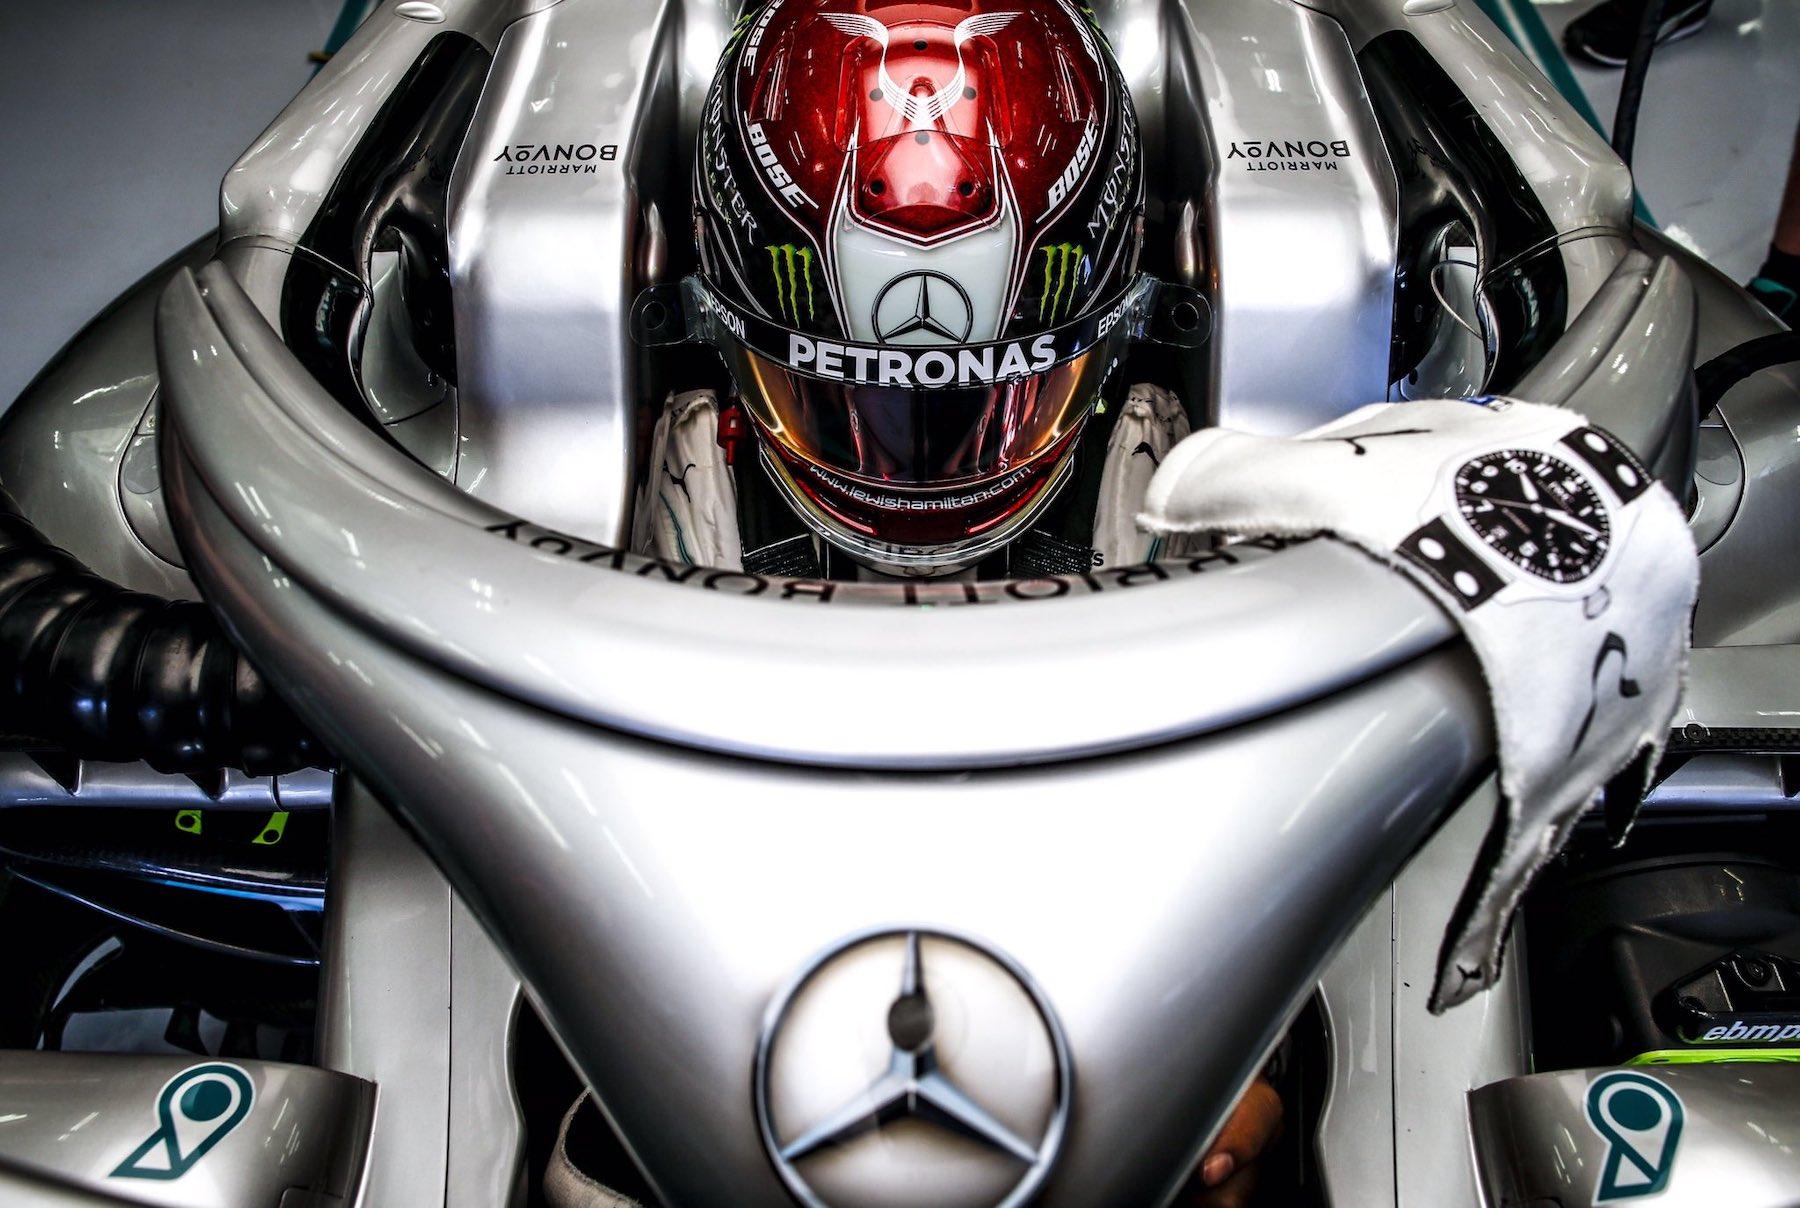 1 2019 Lewis Hamilton | Mercedes W10 | 2019 Bahrain GP FP2 1 copy.jpg